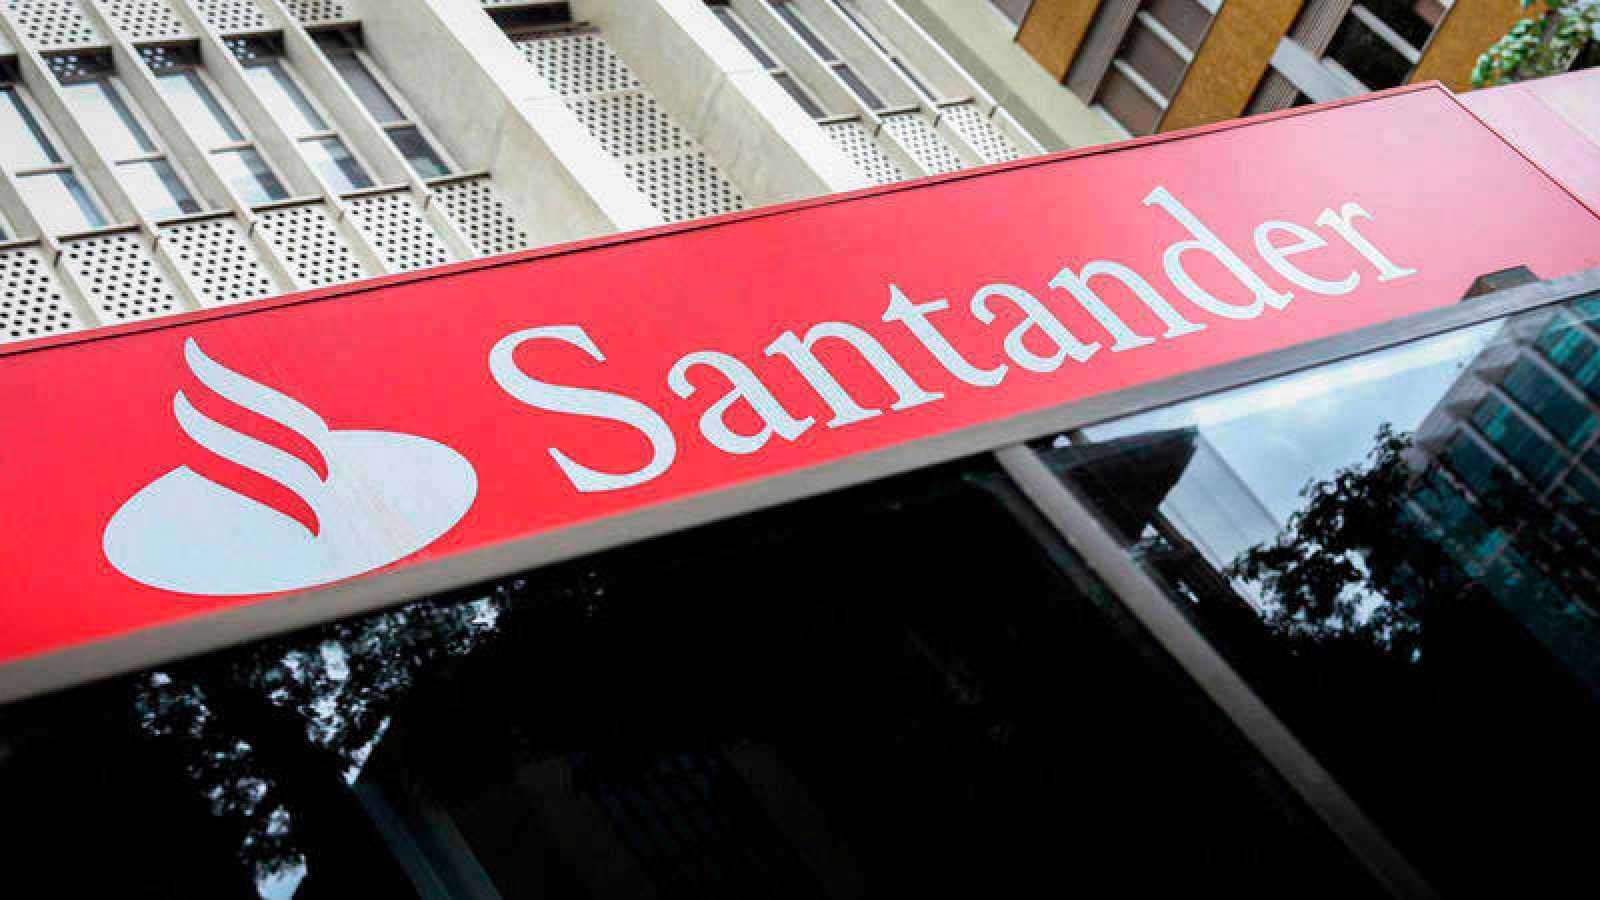 El Banco Santander tiene en Brasil su principal fuente de negocio con un 25% del total de sus ingresos